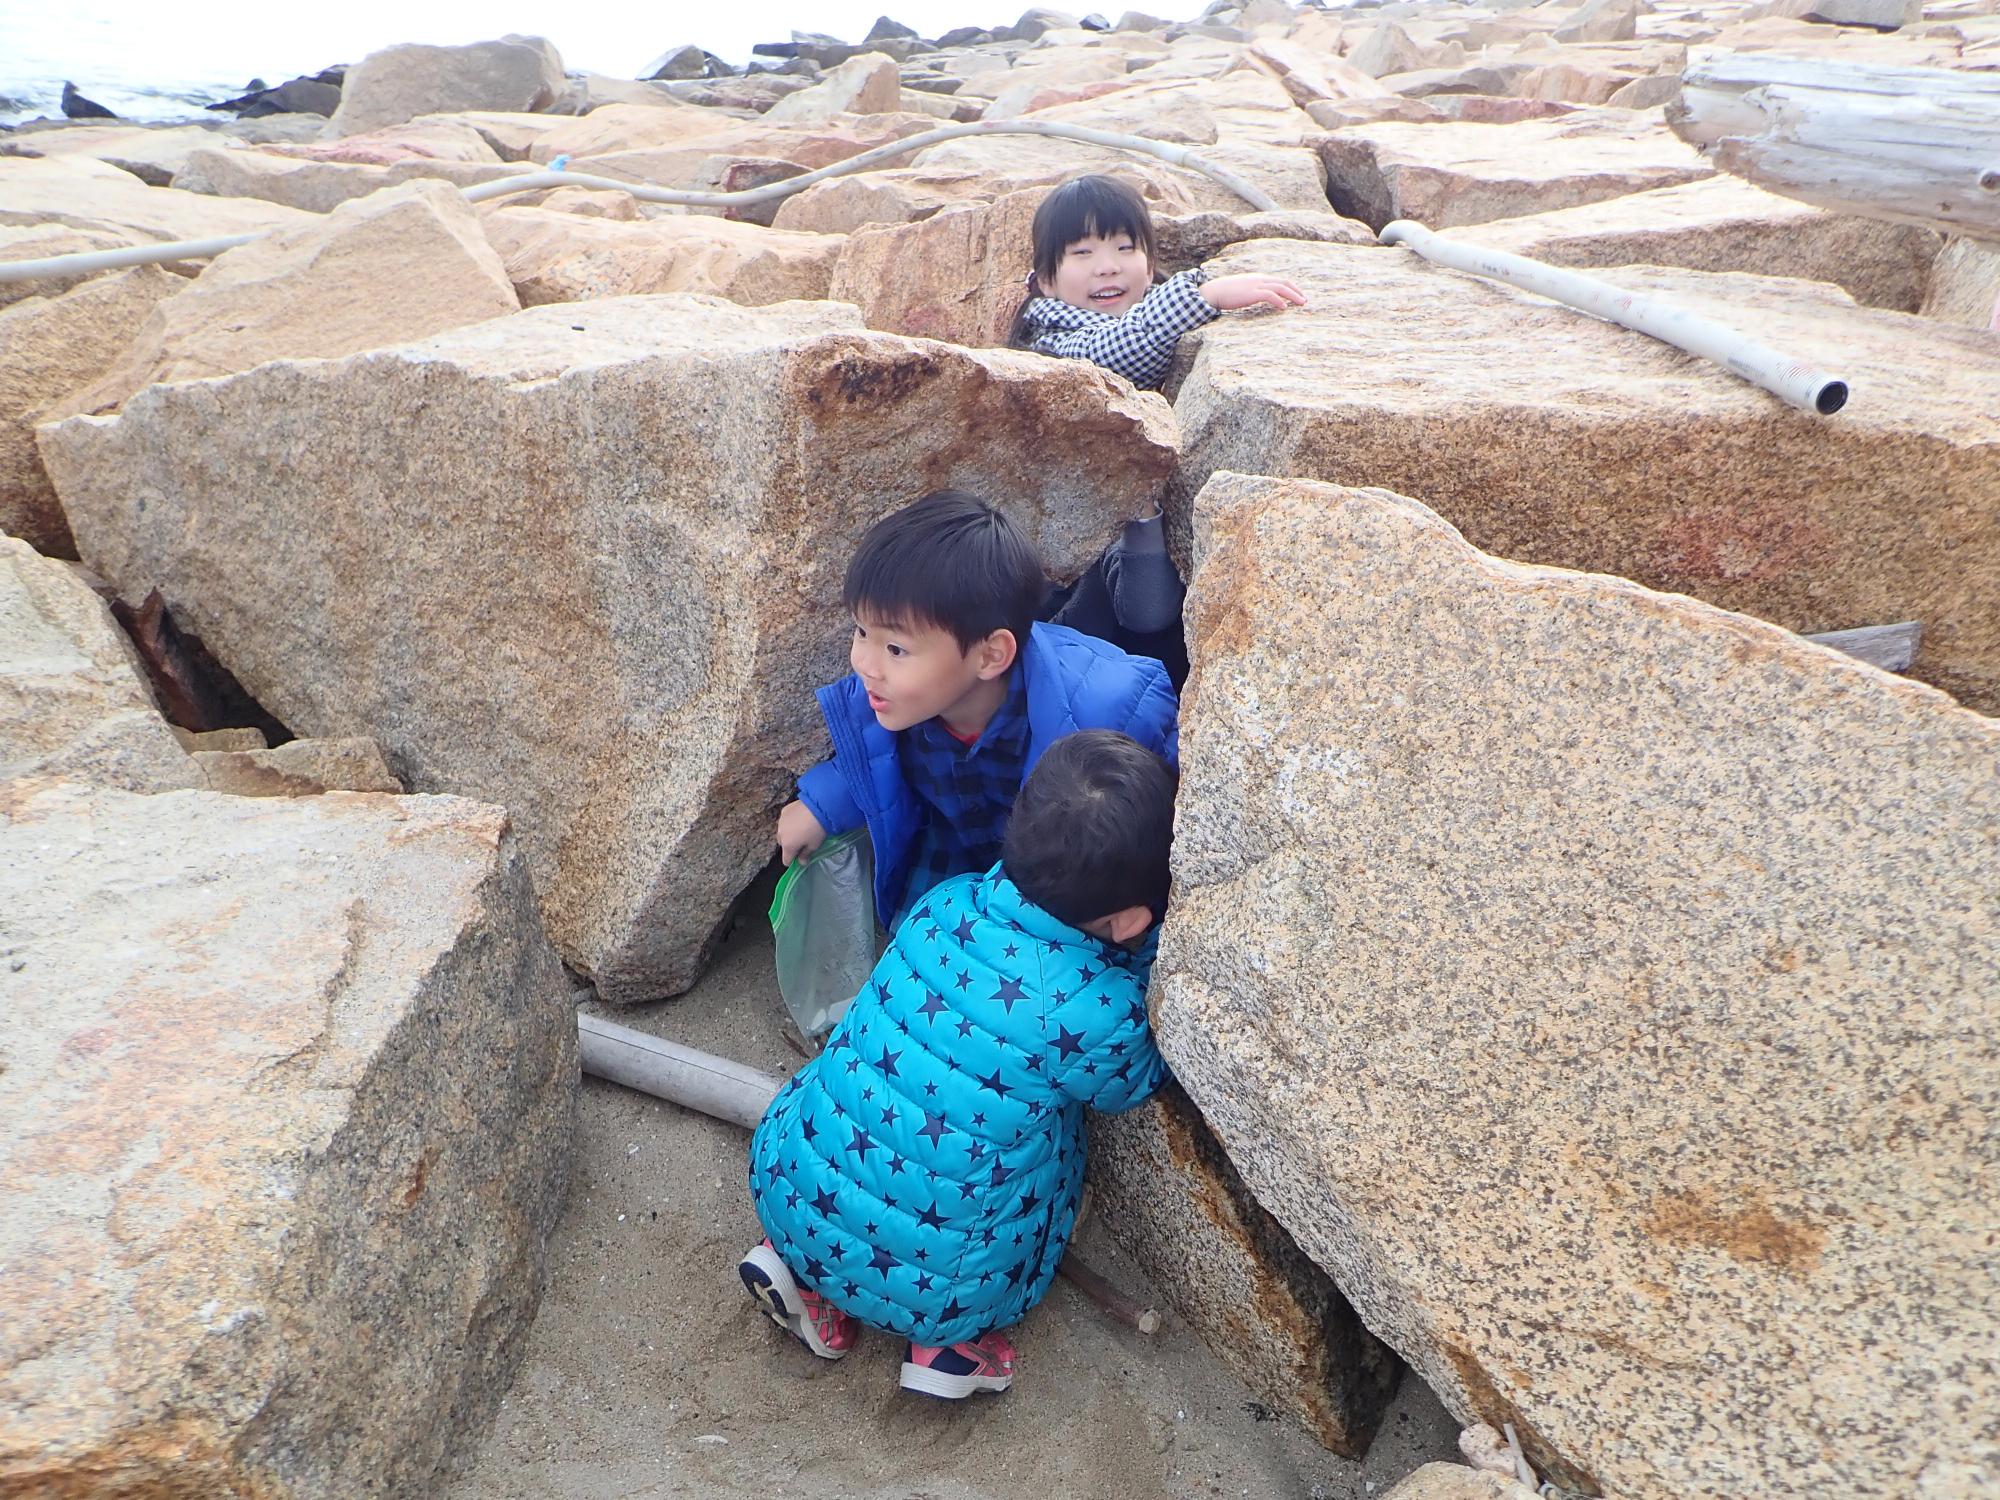 12月15日土曜キンダー 浜辺で見つけた秘密基地